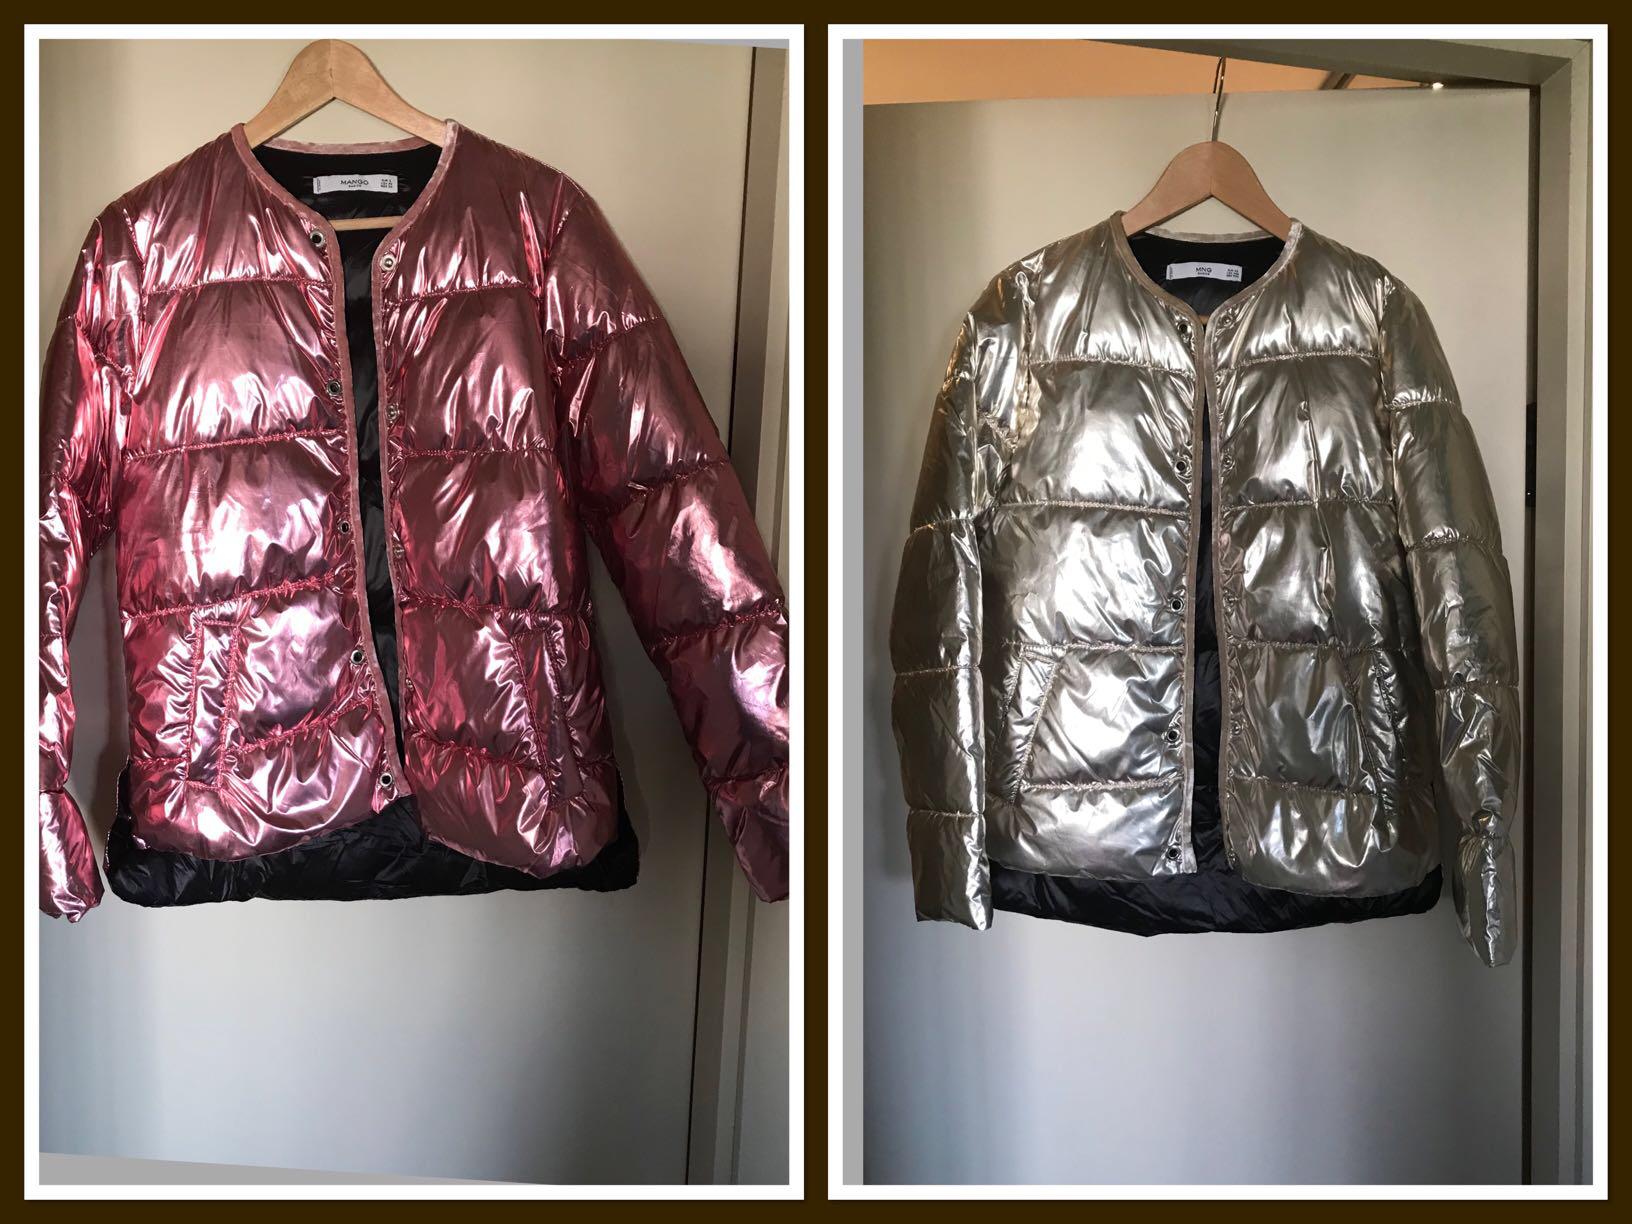 מעילים-מחשמלים-של-מנגו-מידה-Xs-חדשים - יד 2